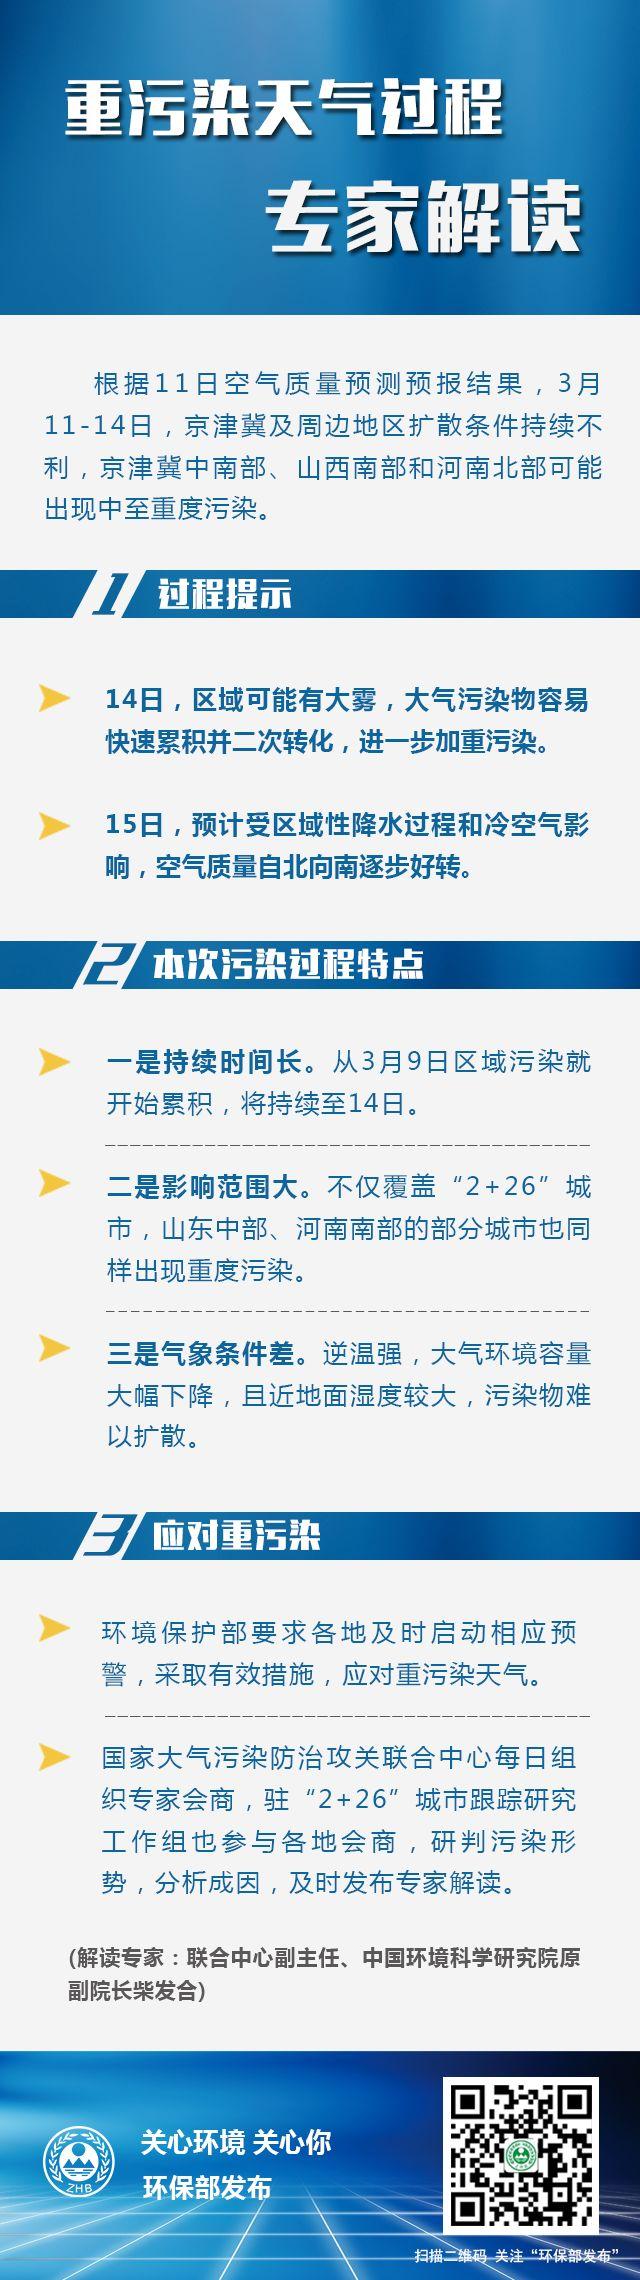 北京赛车稳赢方法规律:重污染天气过程专家解读